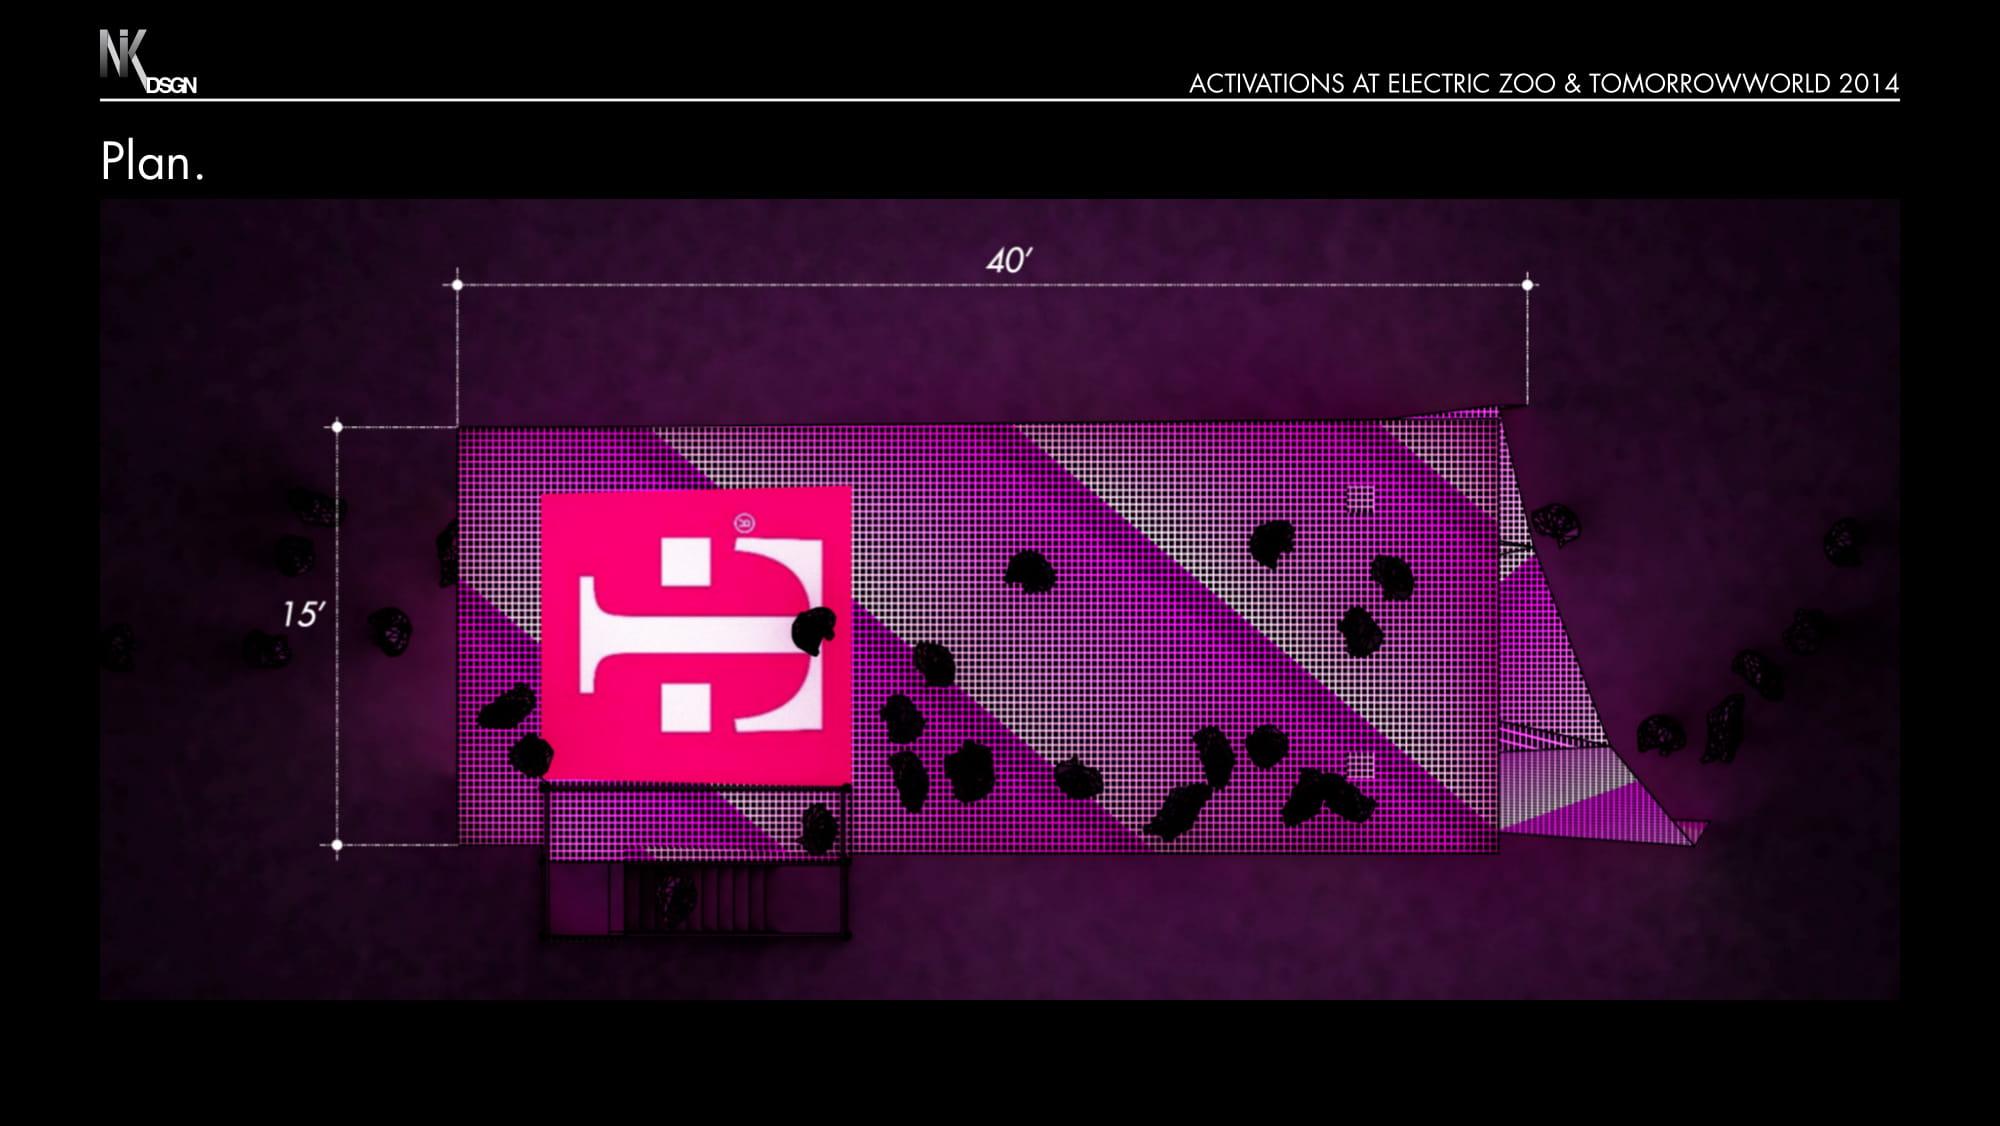 TMOB_NKdsgn_LED_v03s-11.jpg